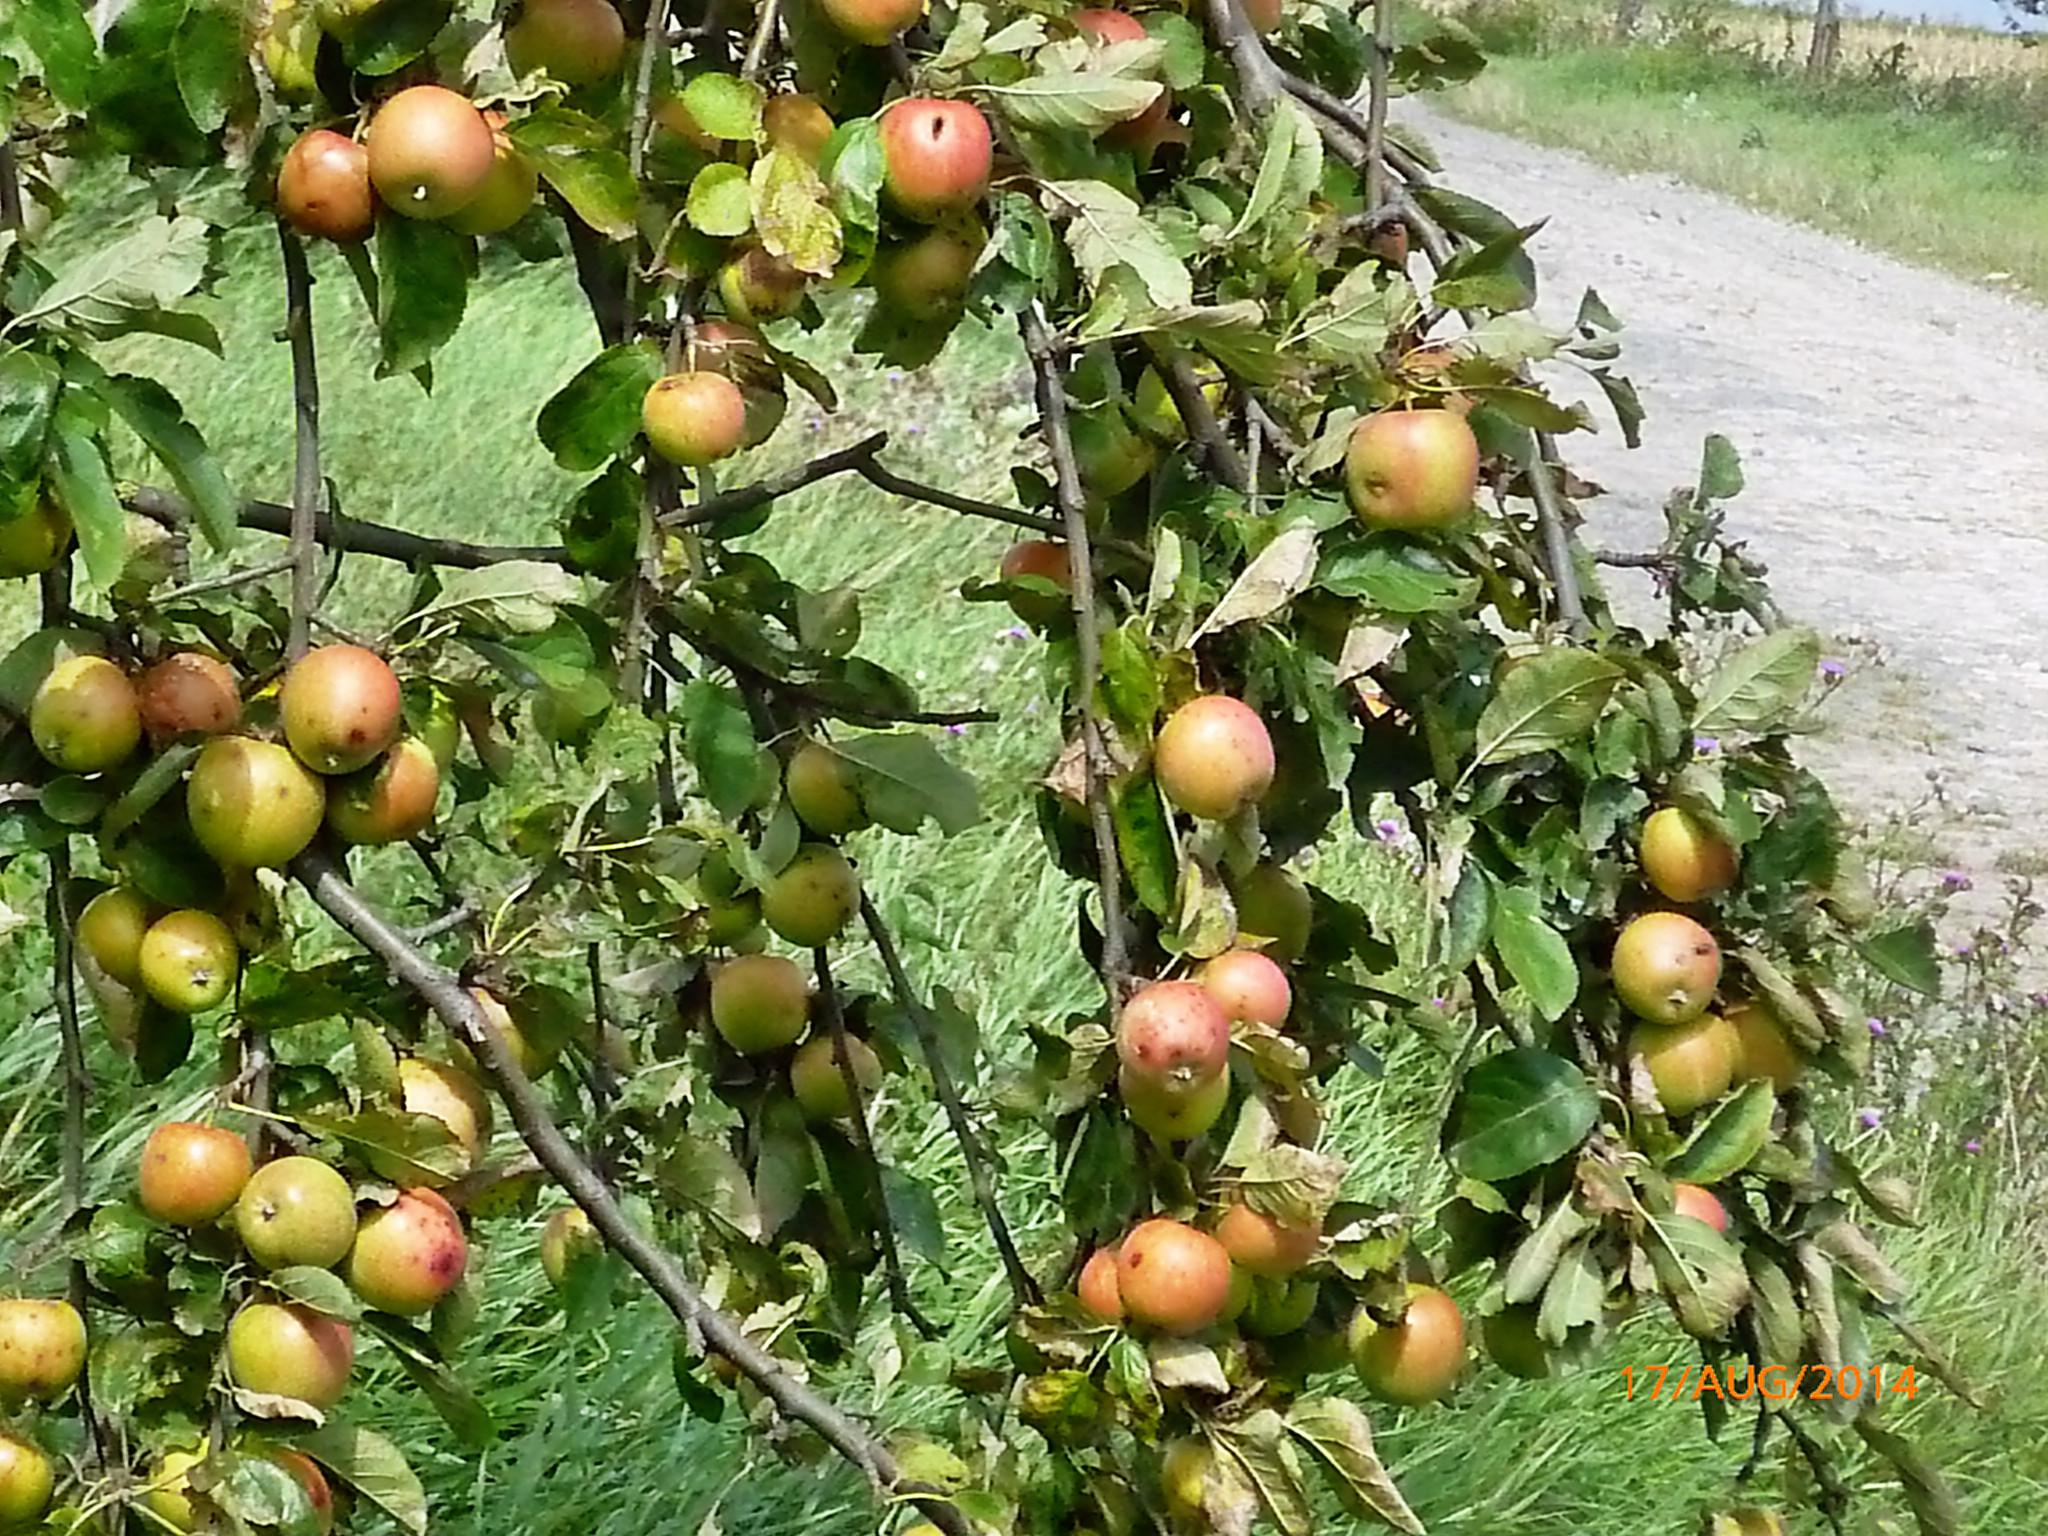 Obst vom Wegesrand-17.8.14   (15)